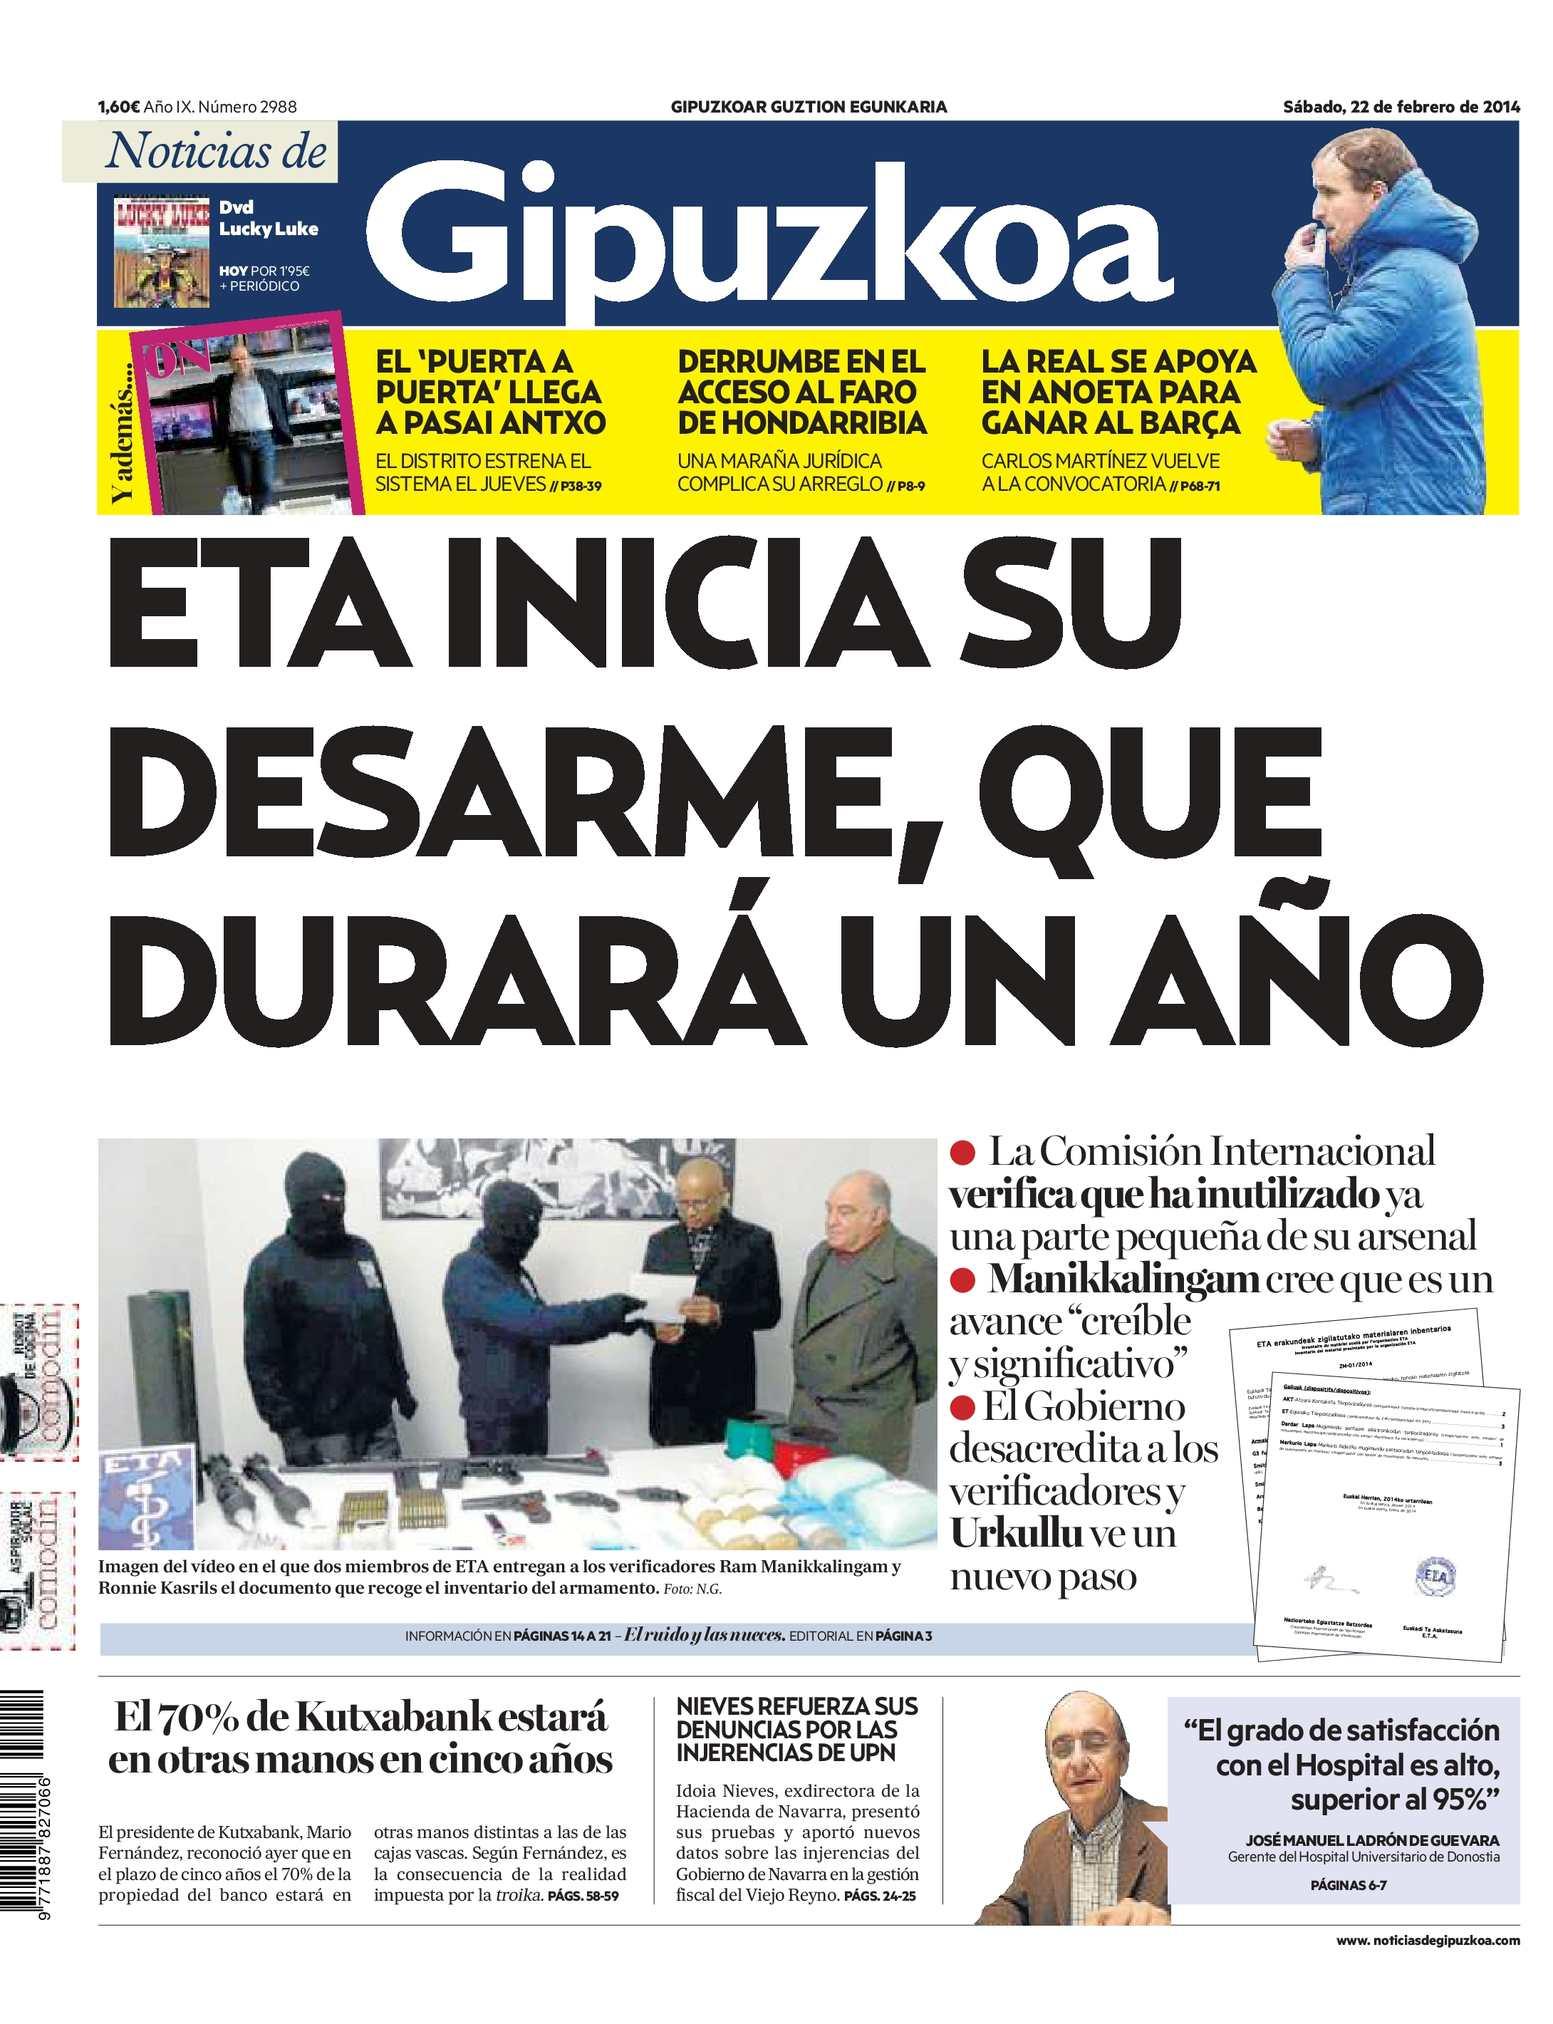 Calaméo - Noticias de Gipuzkoa 20140222